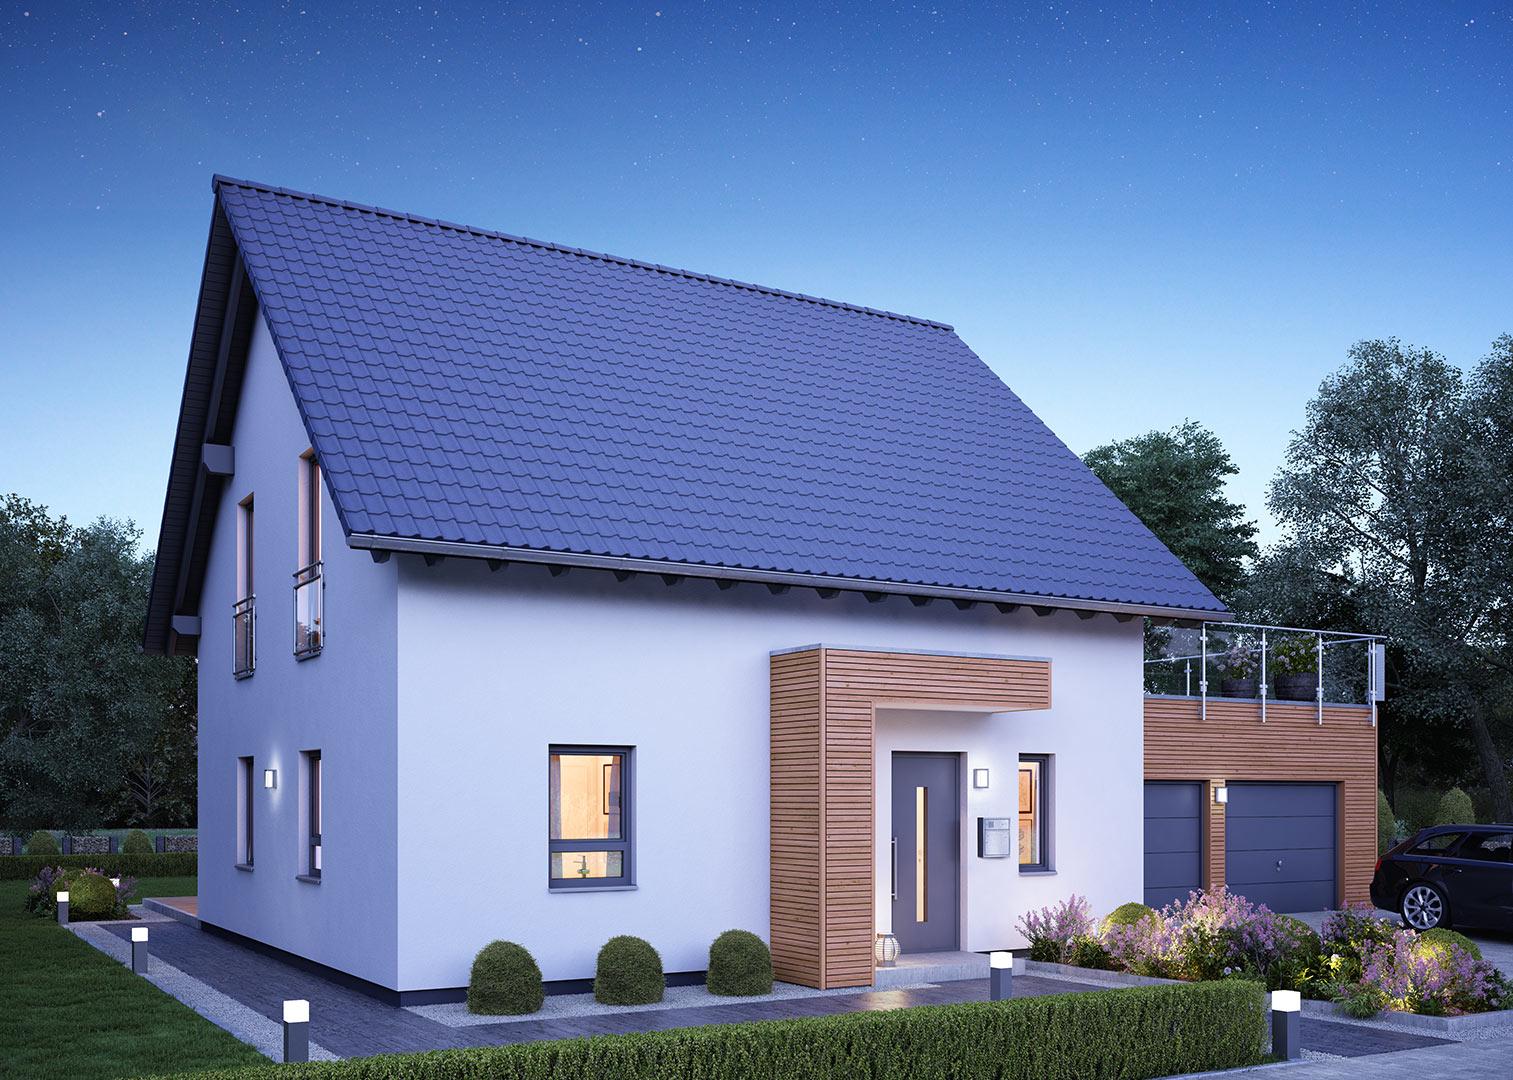 massa-einfamilienhaus-lifestyle-14-02-s-bild-5